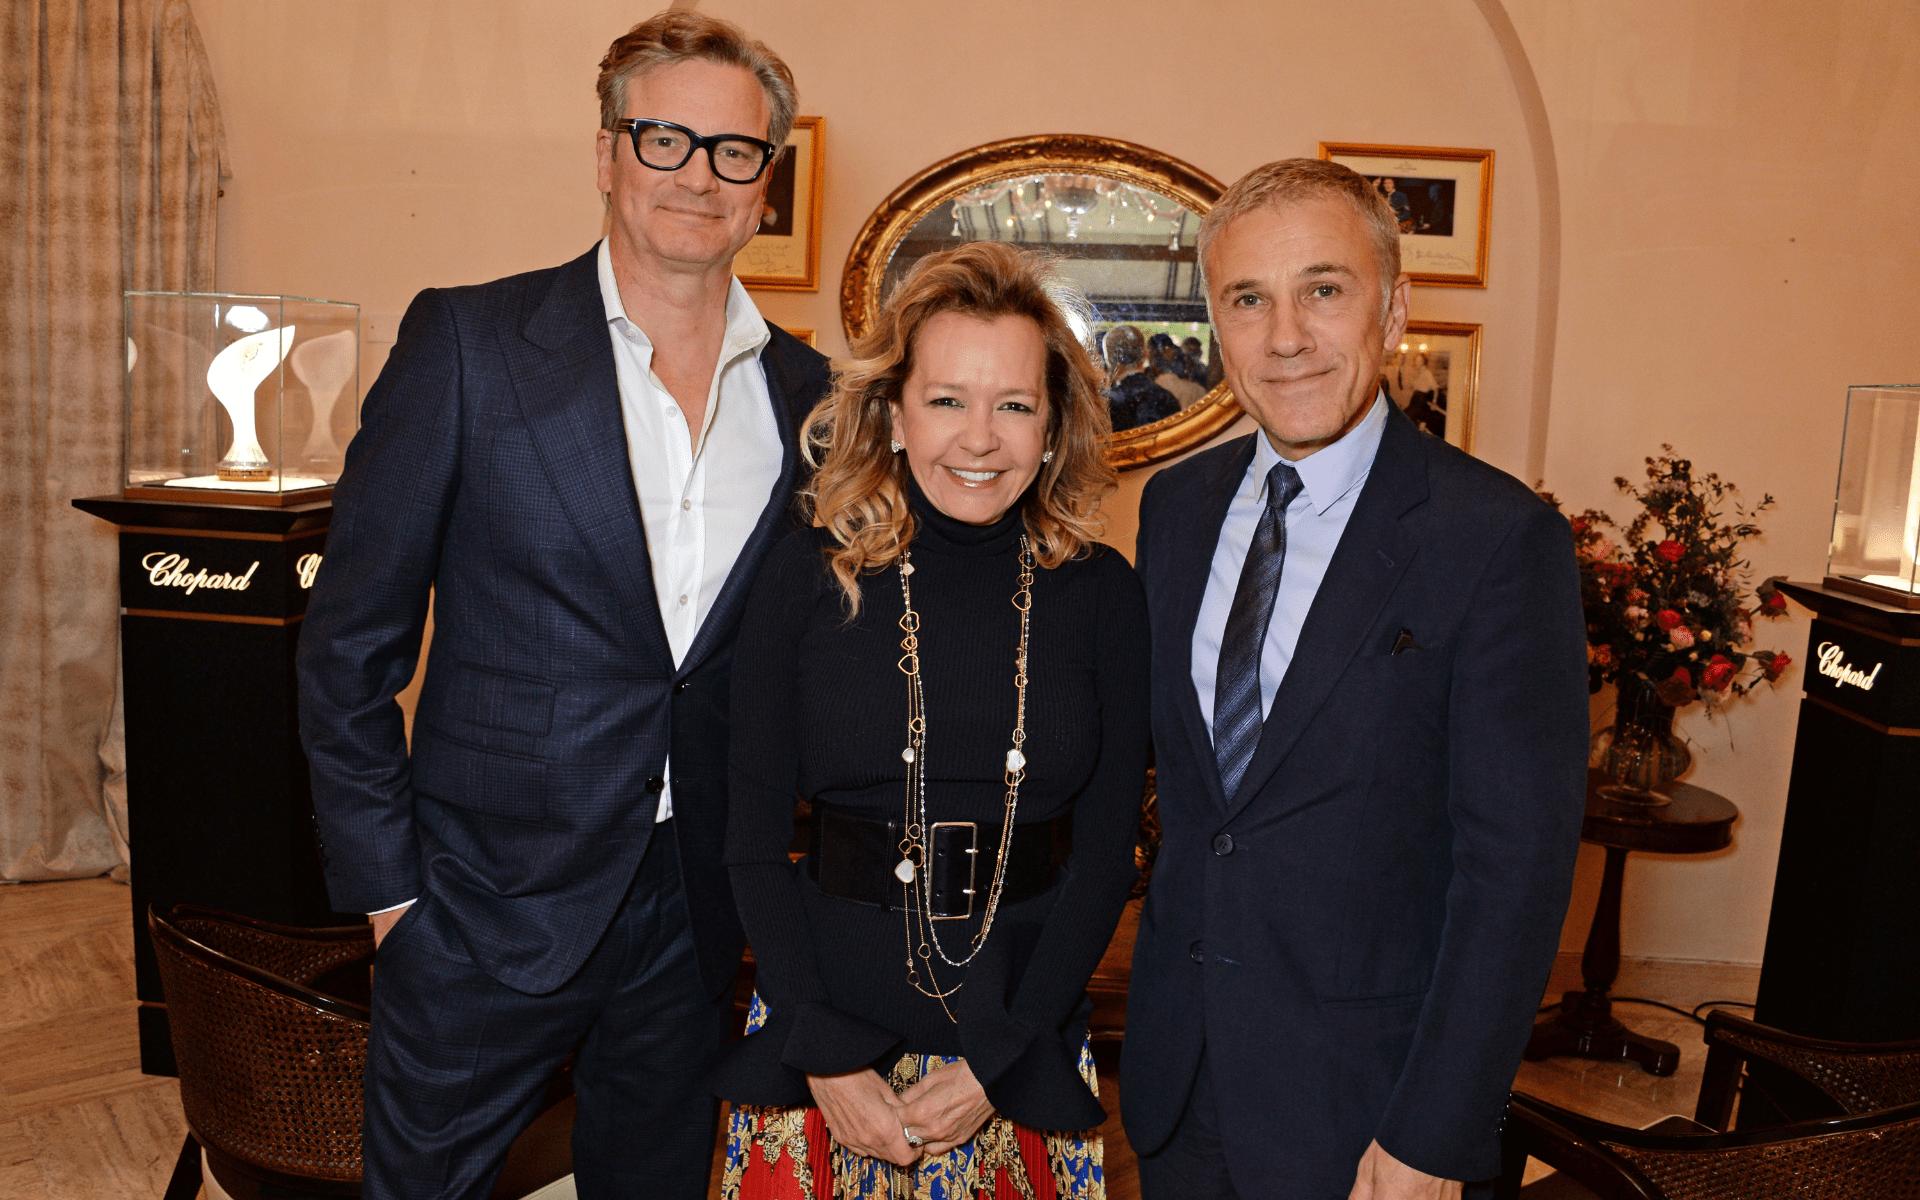 Colin Firth, Caroline Scheufele and Christoph Waltz